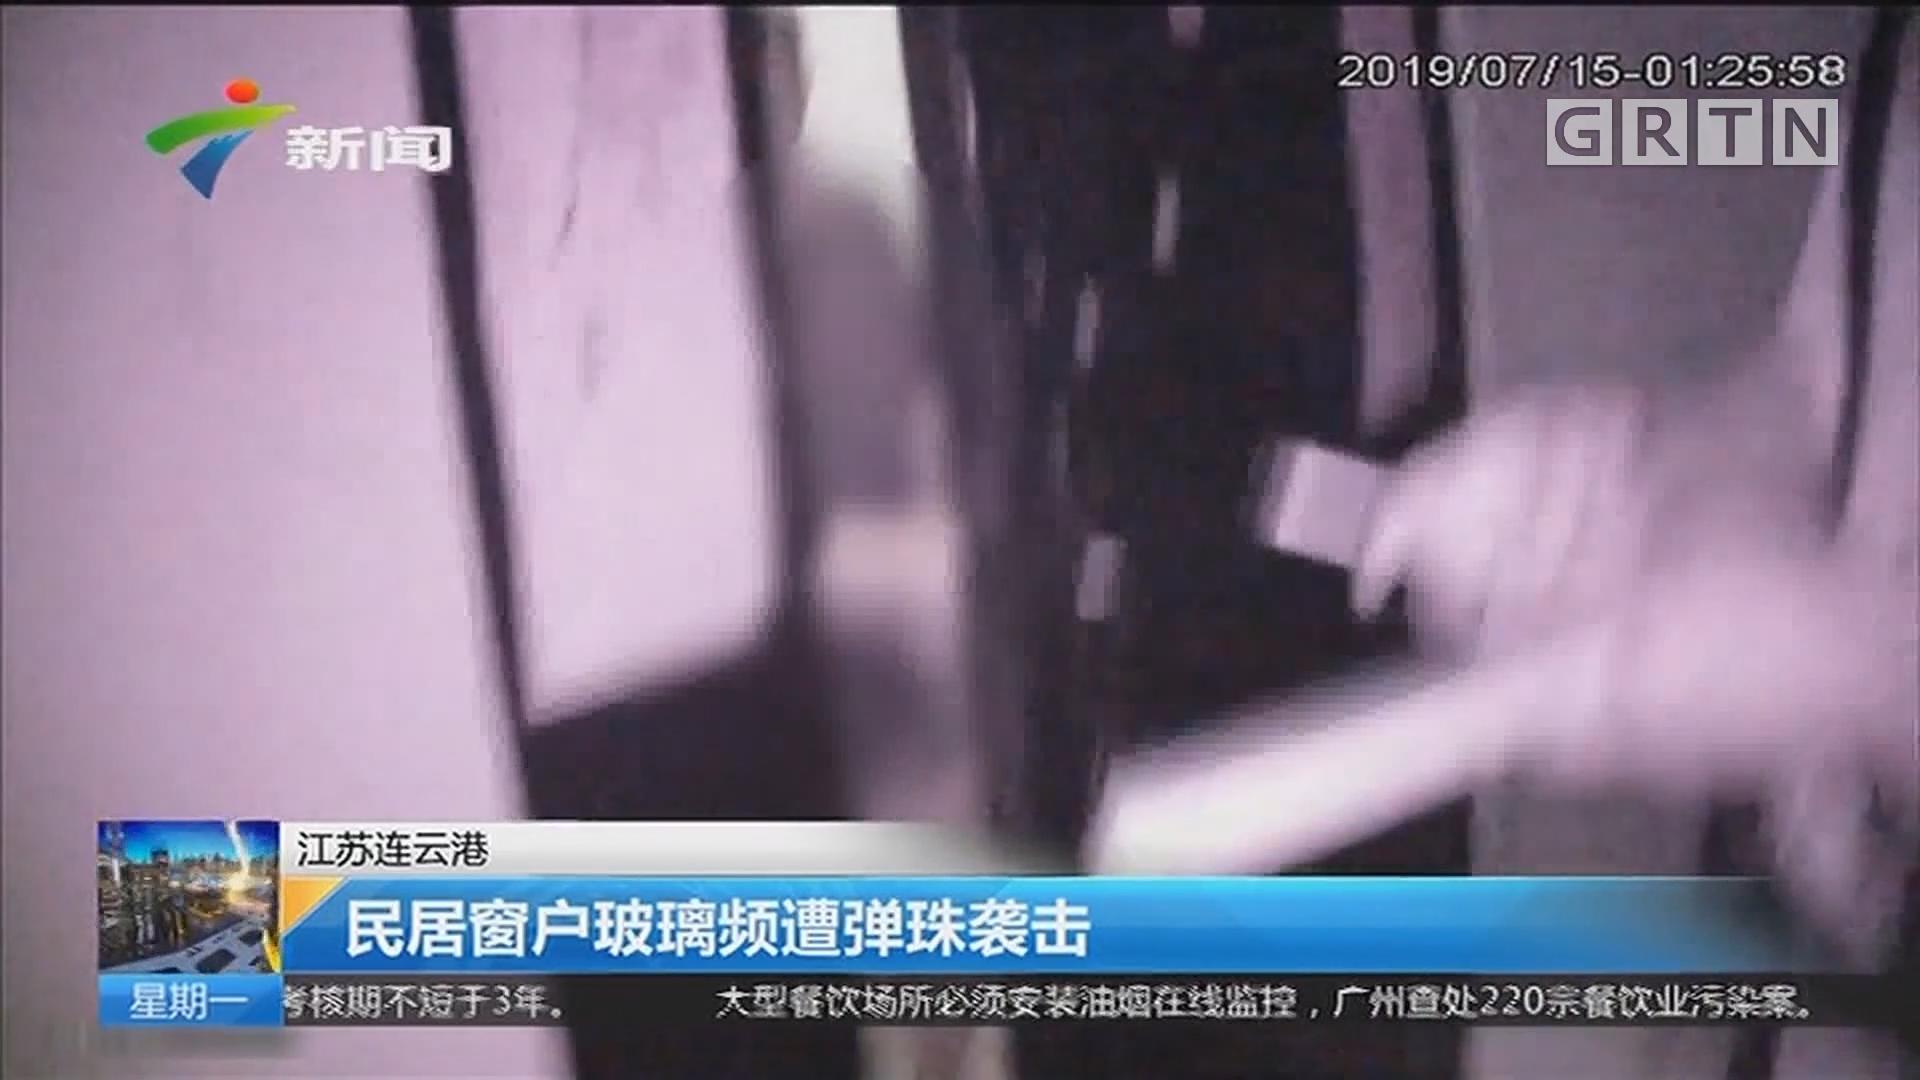 江苏连云港:民居窗户玻璃频遭弹珠袭击